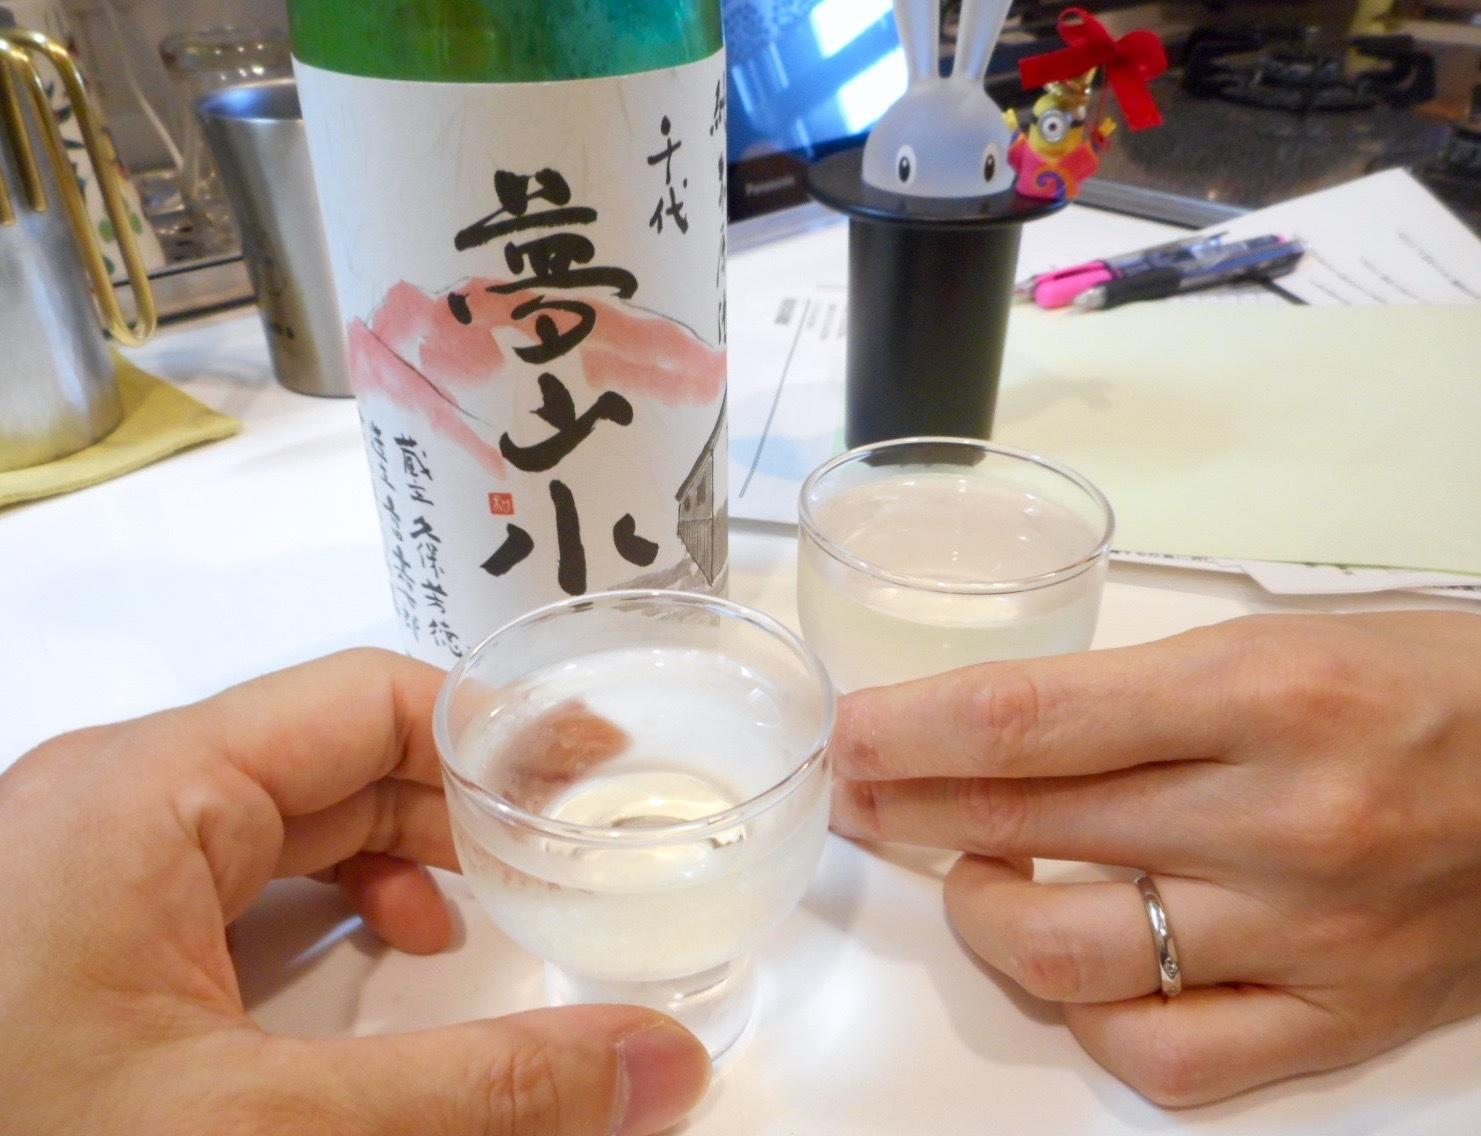 chiyo_kinuhikari60b_26by12.jpg